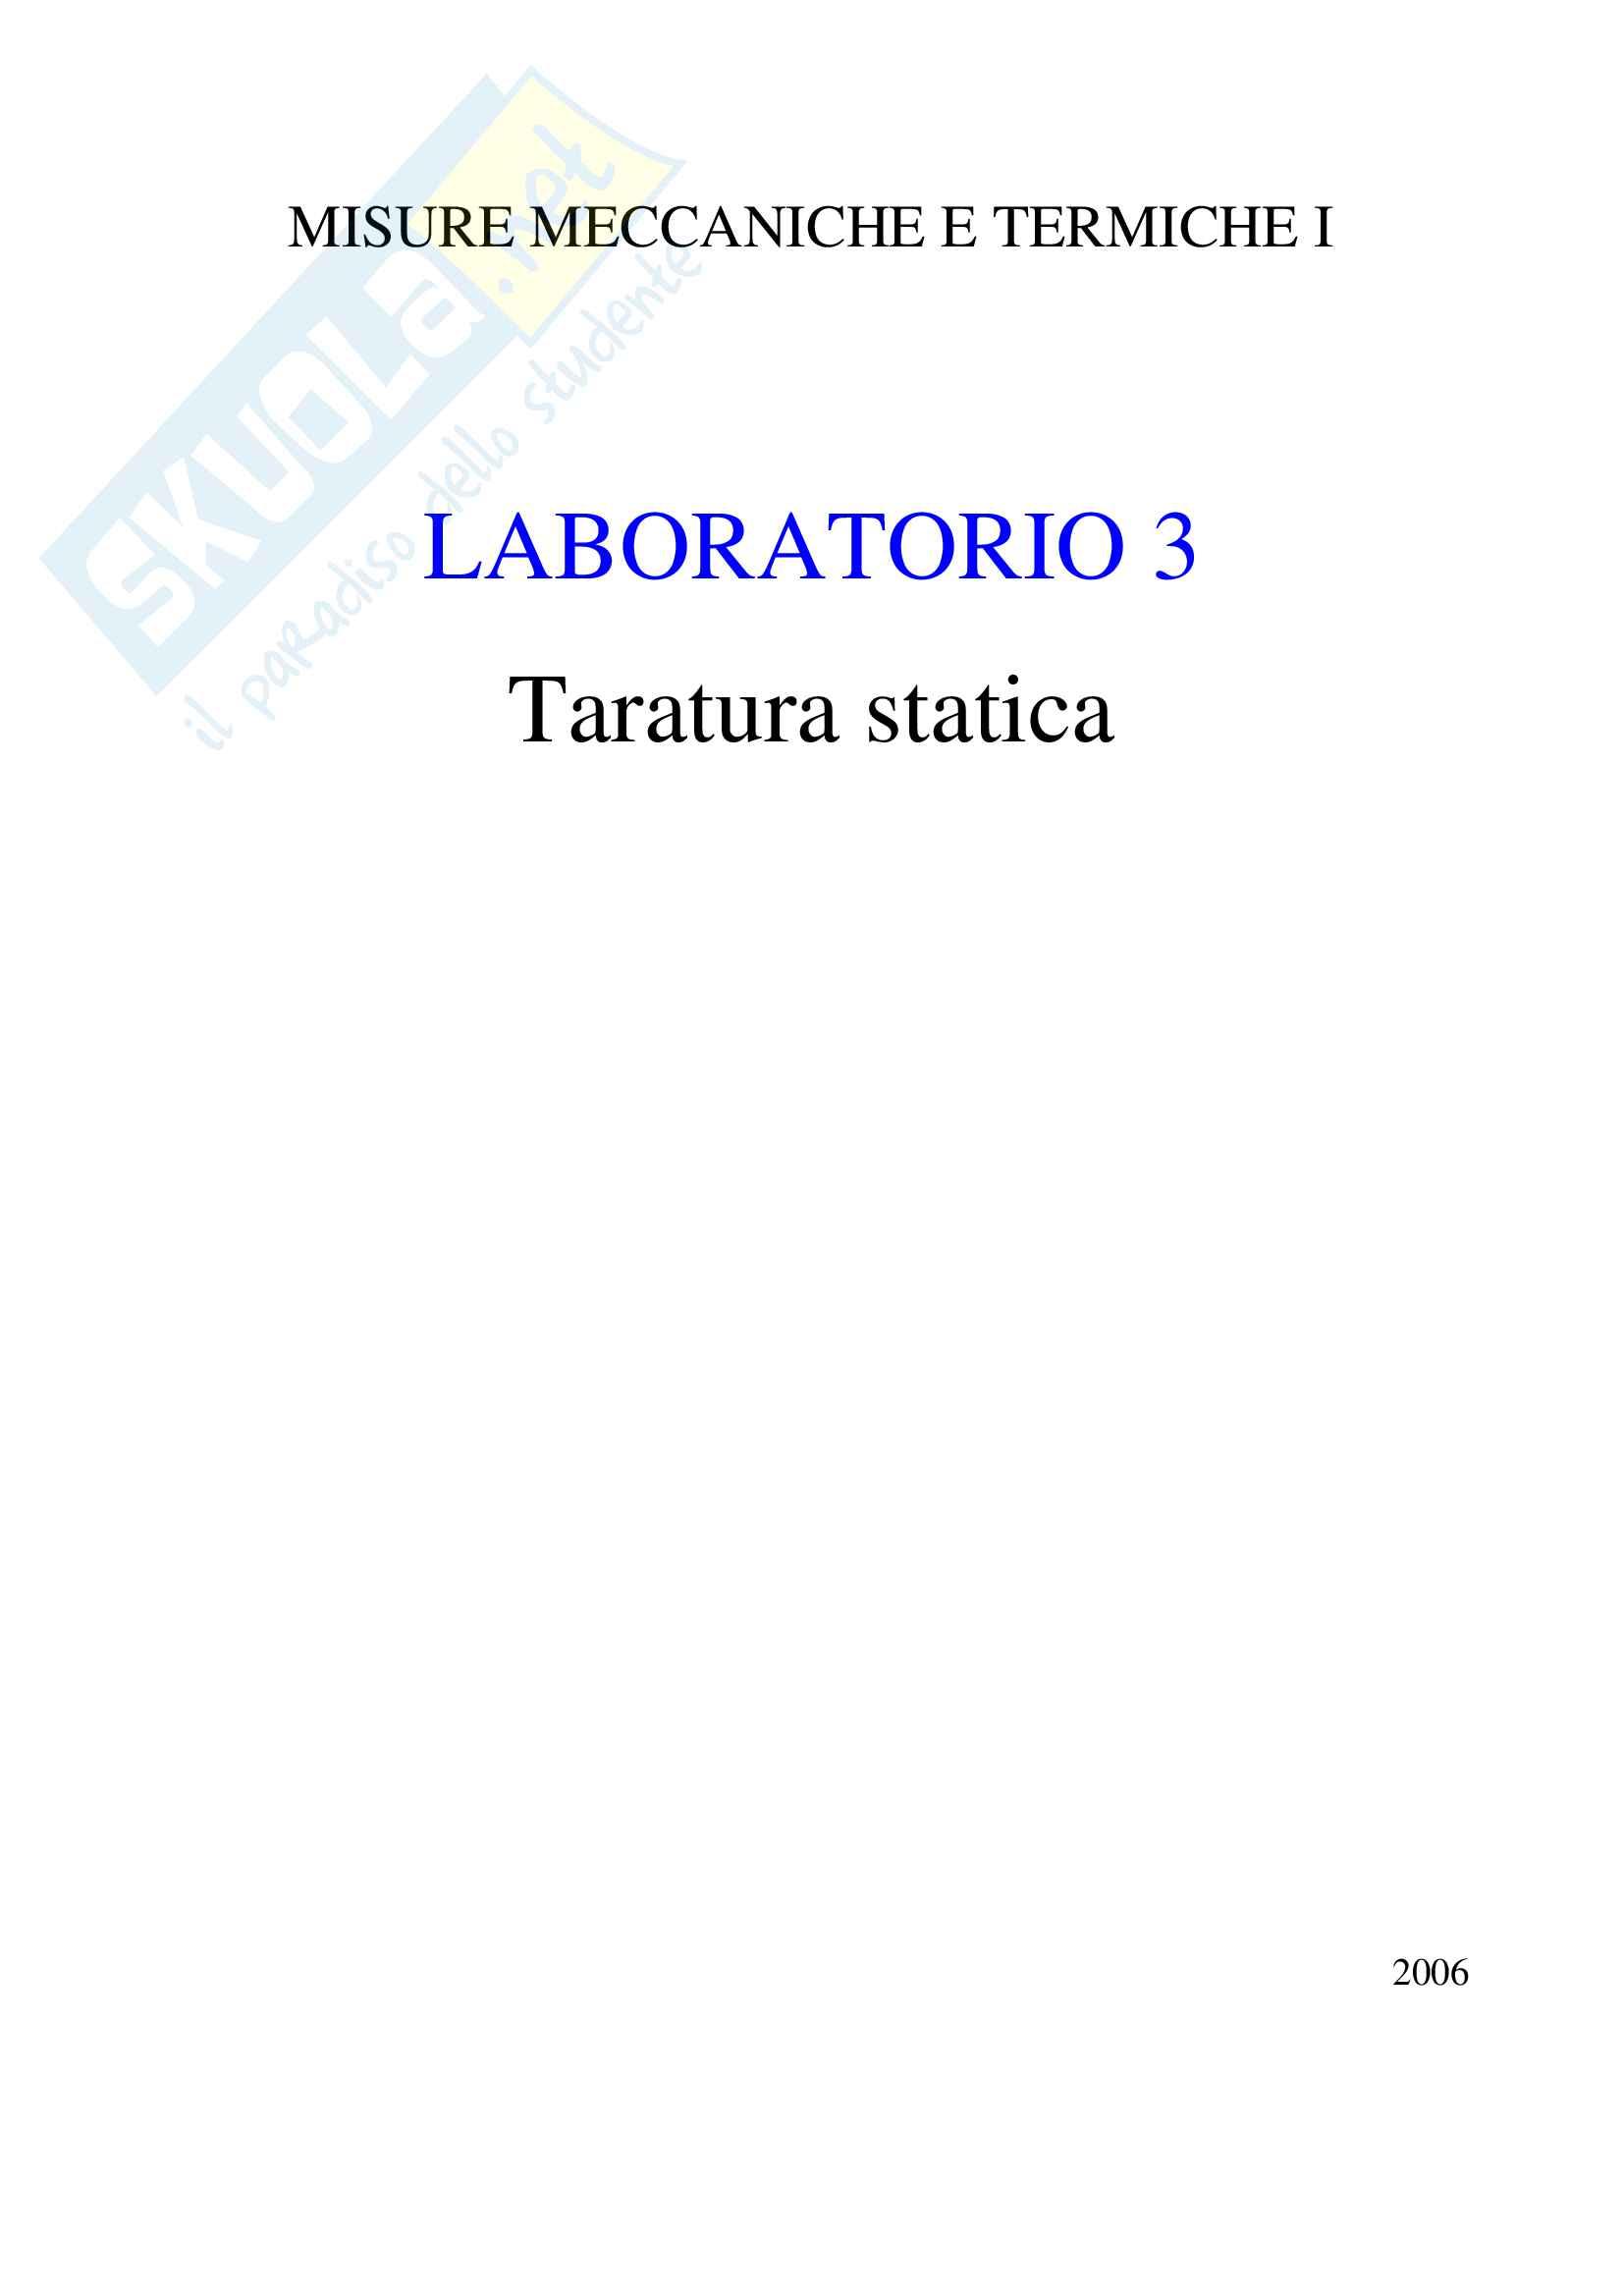 Taratura Statica: determinazione della curva di taratura dello strumento (potenziometro)